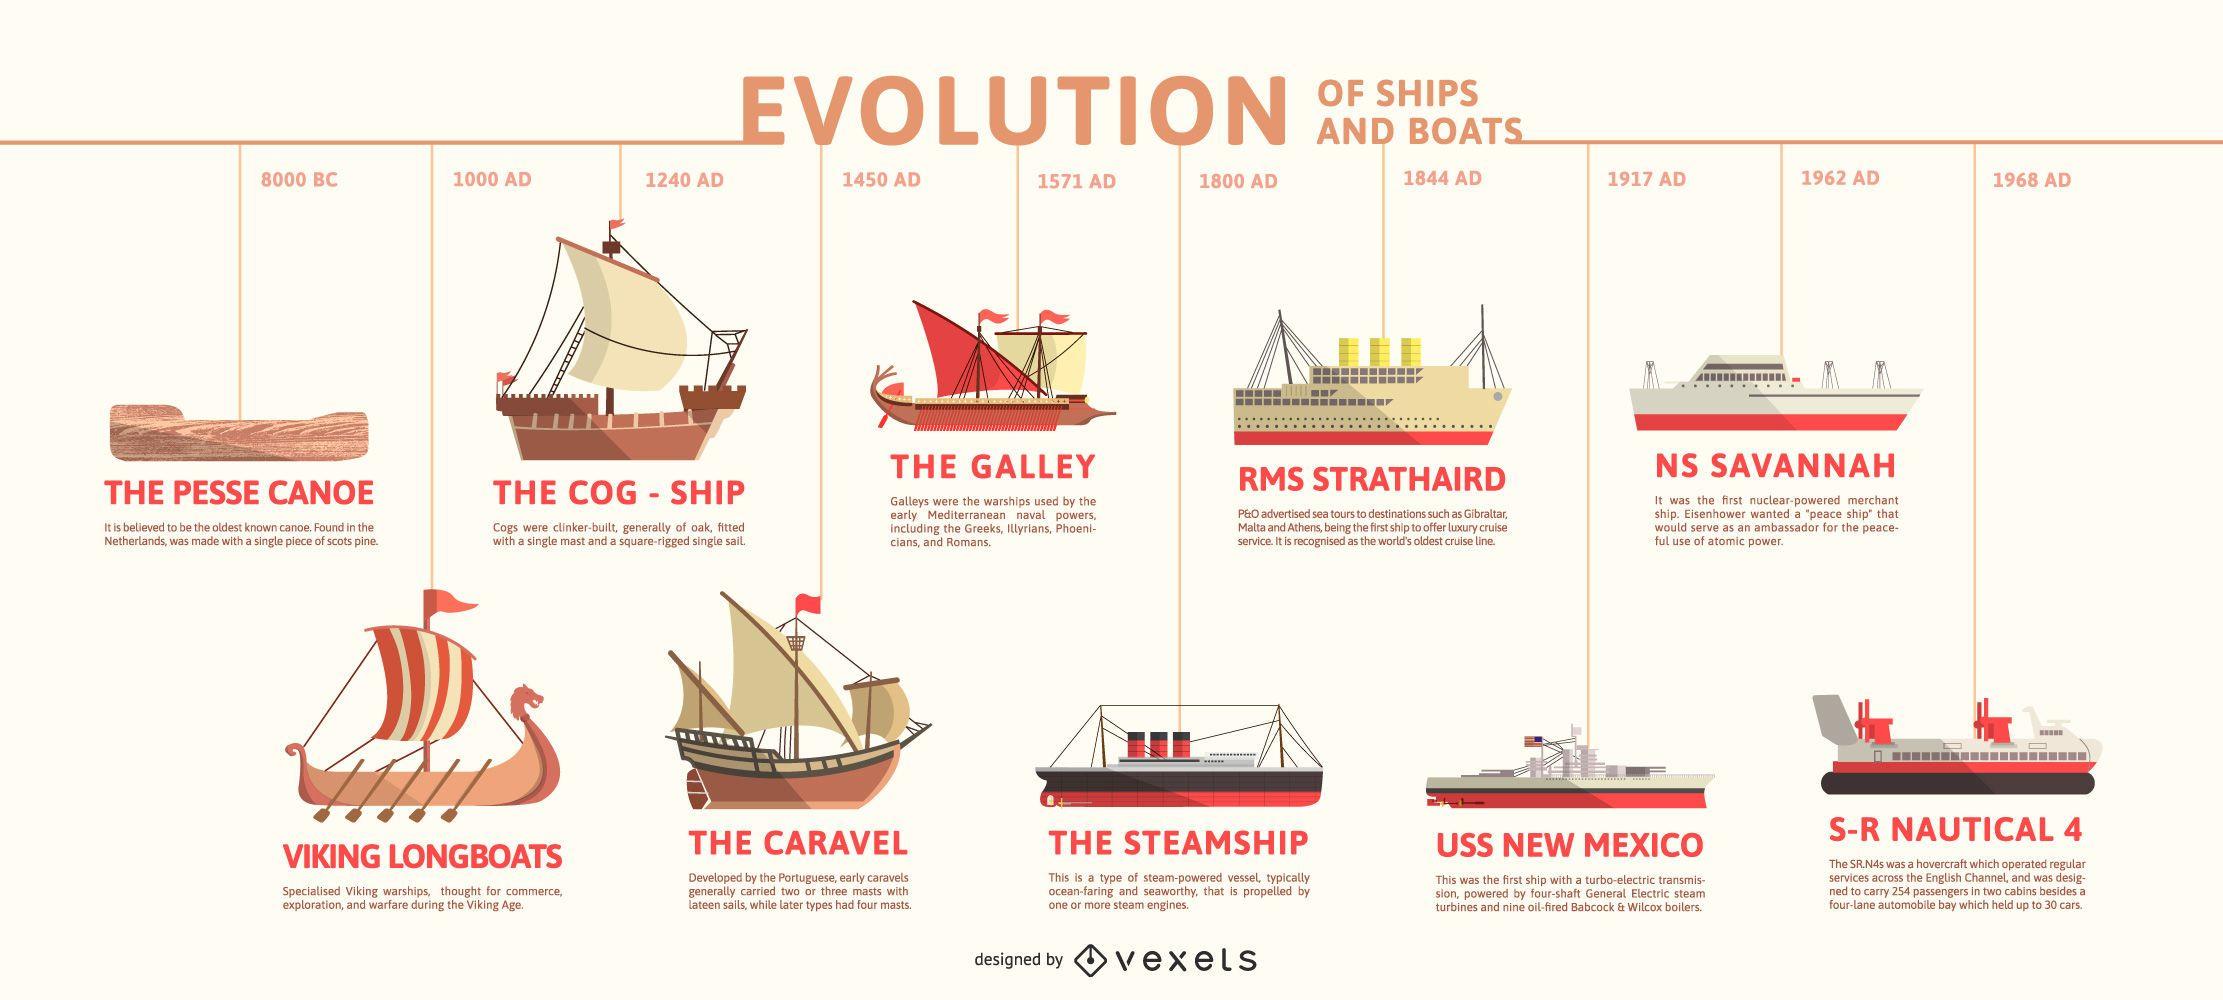 Evolution of Ships Timeline Infographic